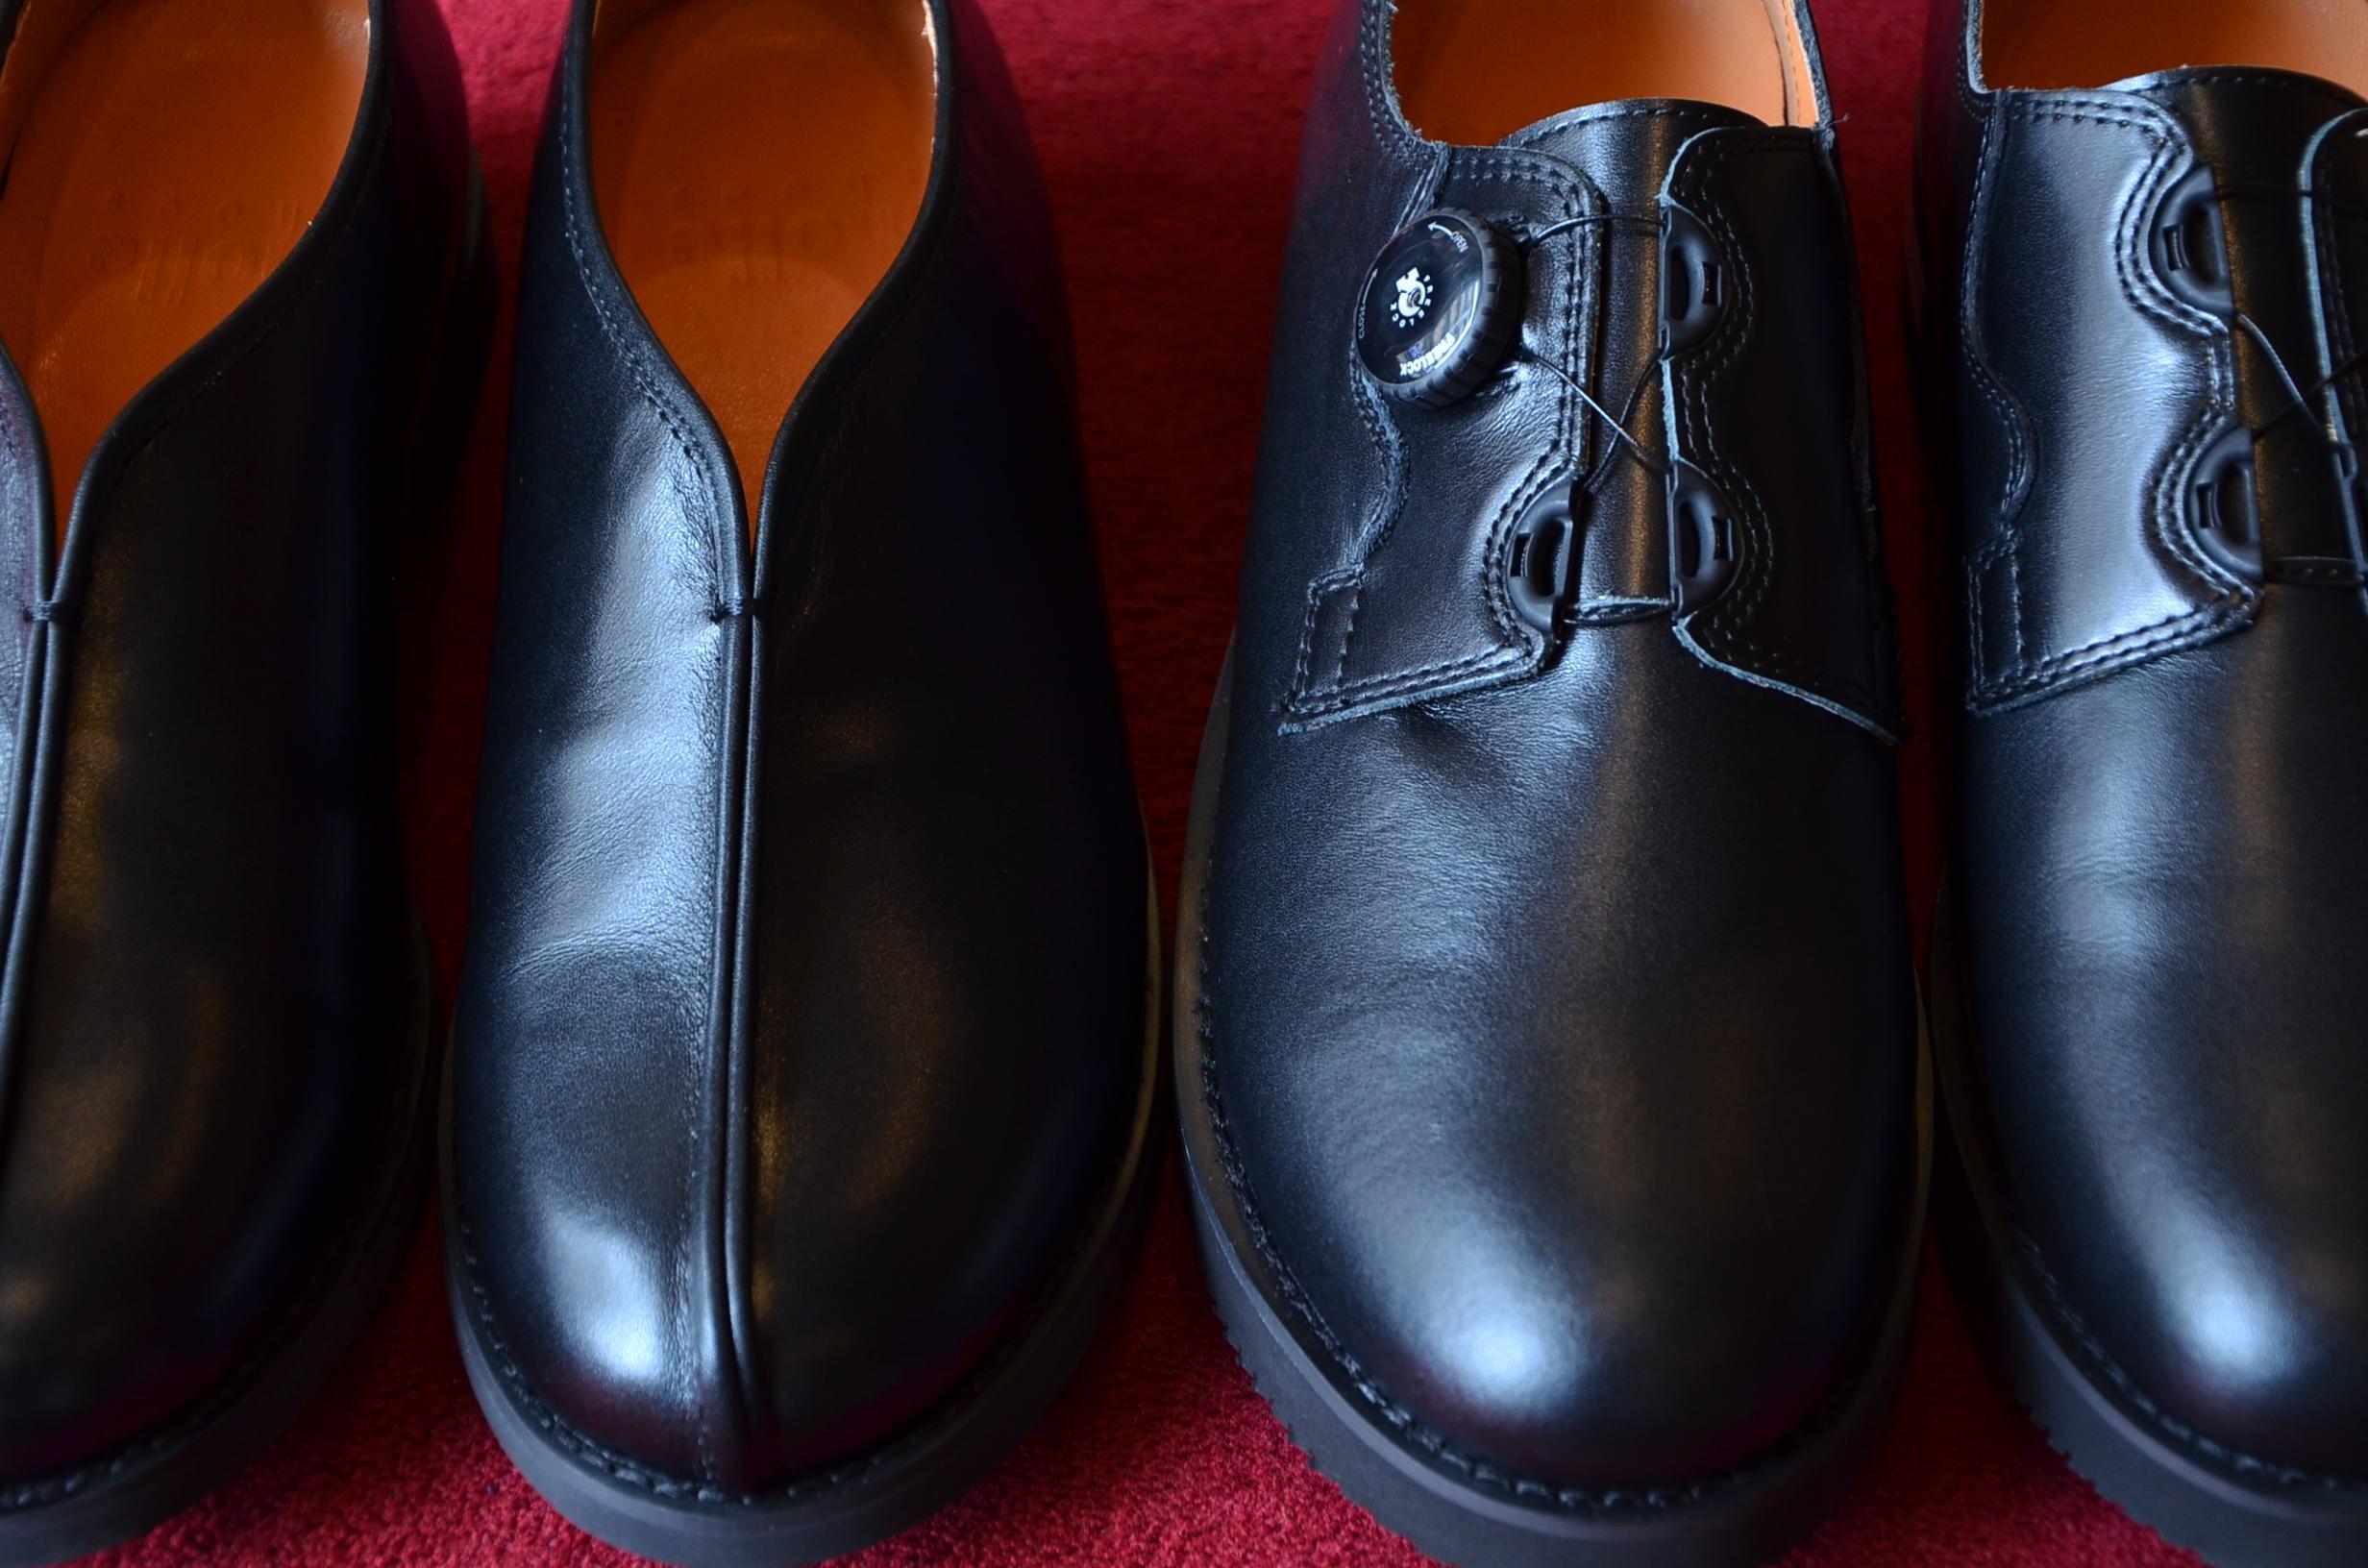 シーンを選ばずいつでも履ける、革靴です。_c0167336_19444327.jpg